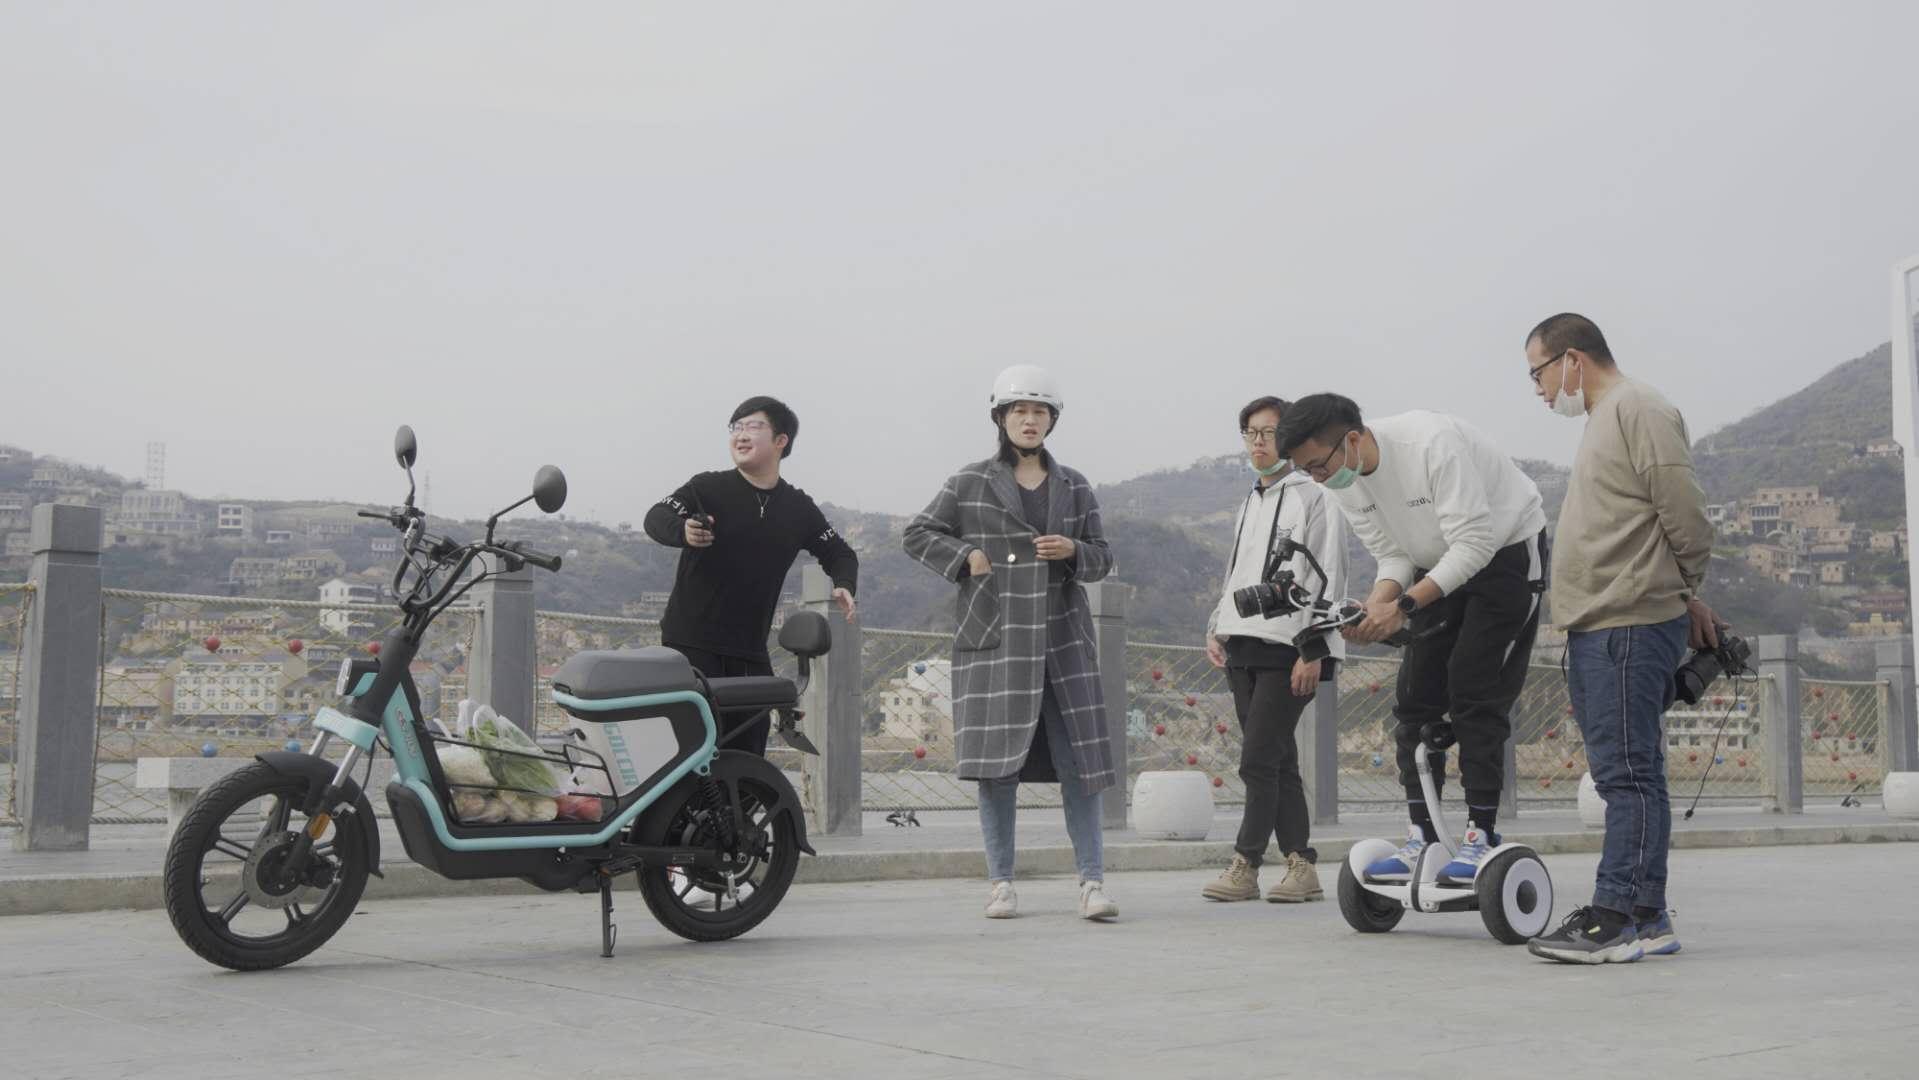 钱江摩托-凯驰品牌宣传片